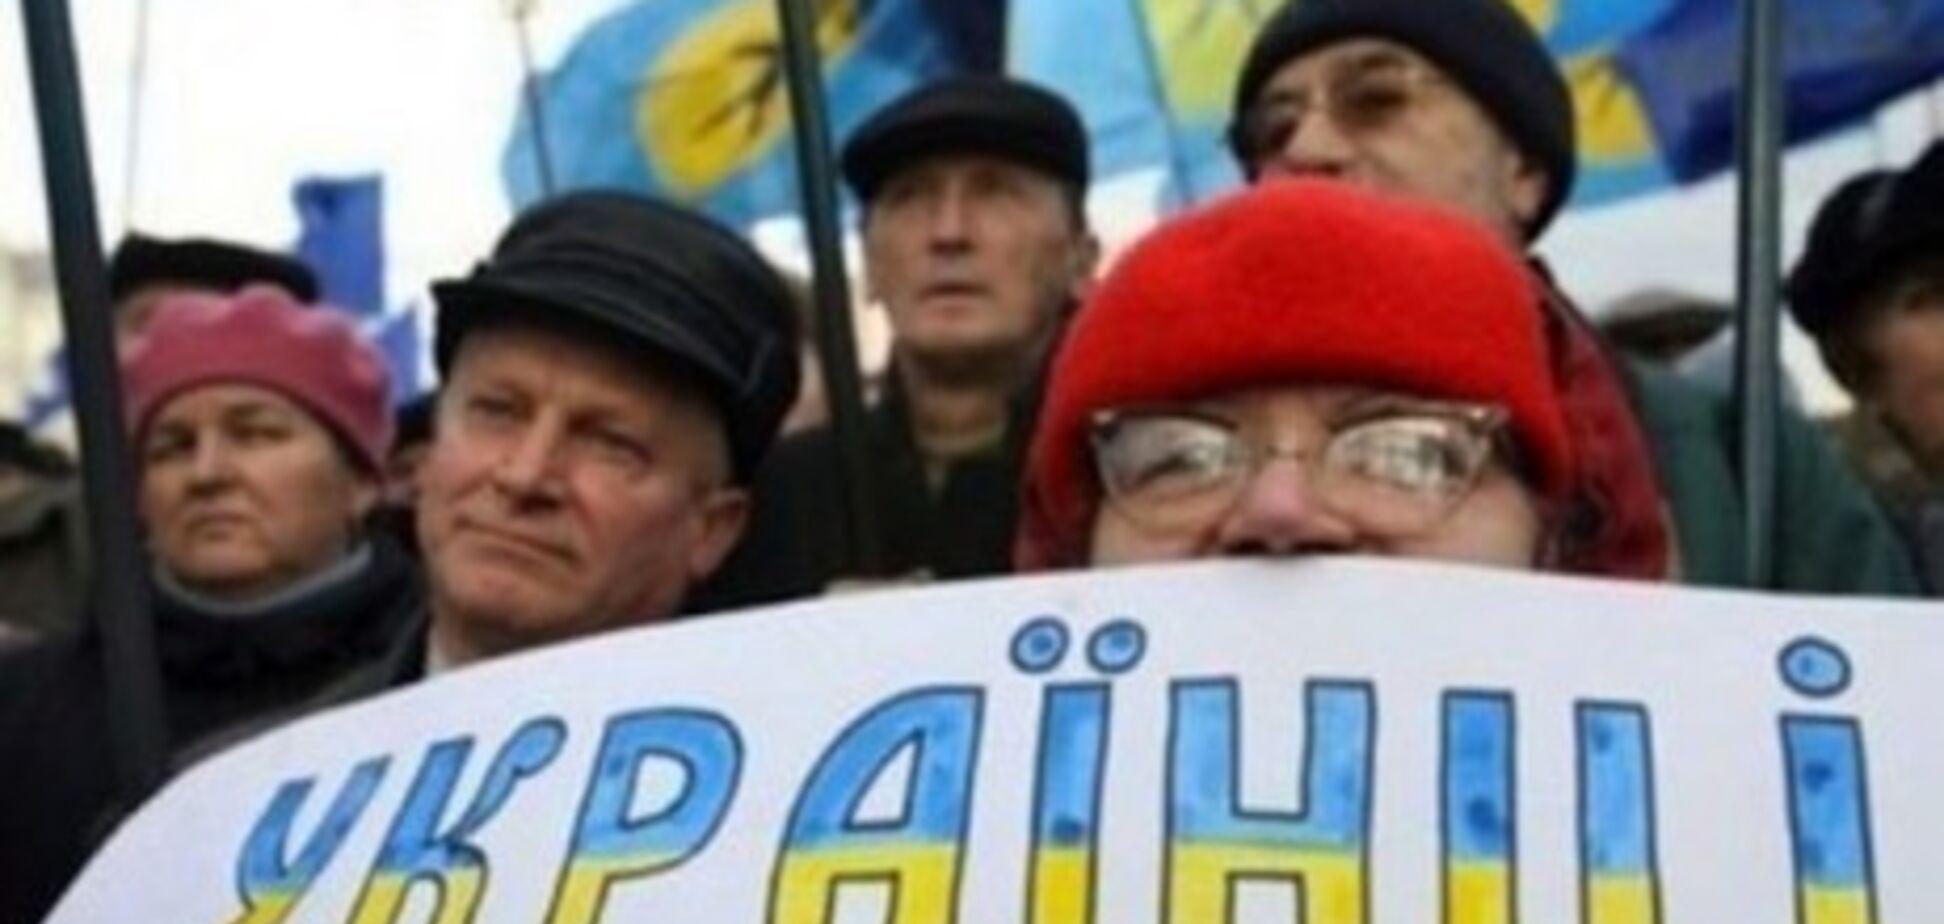 У Росії почали 'зачистку' української діаспори: що відомо